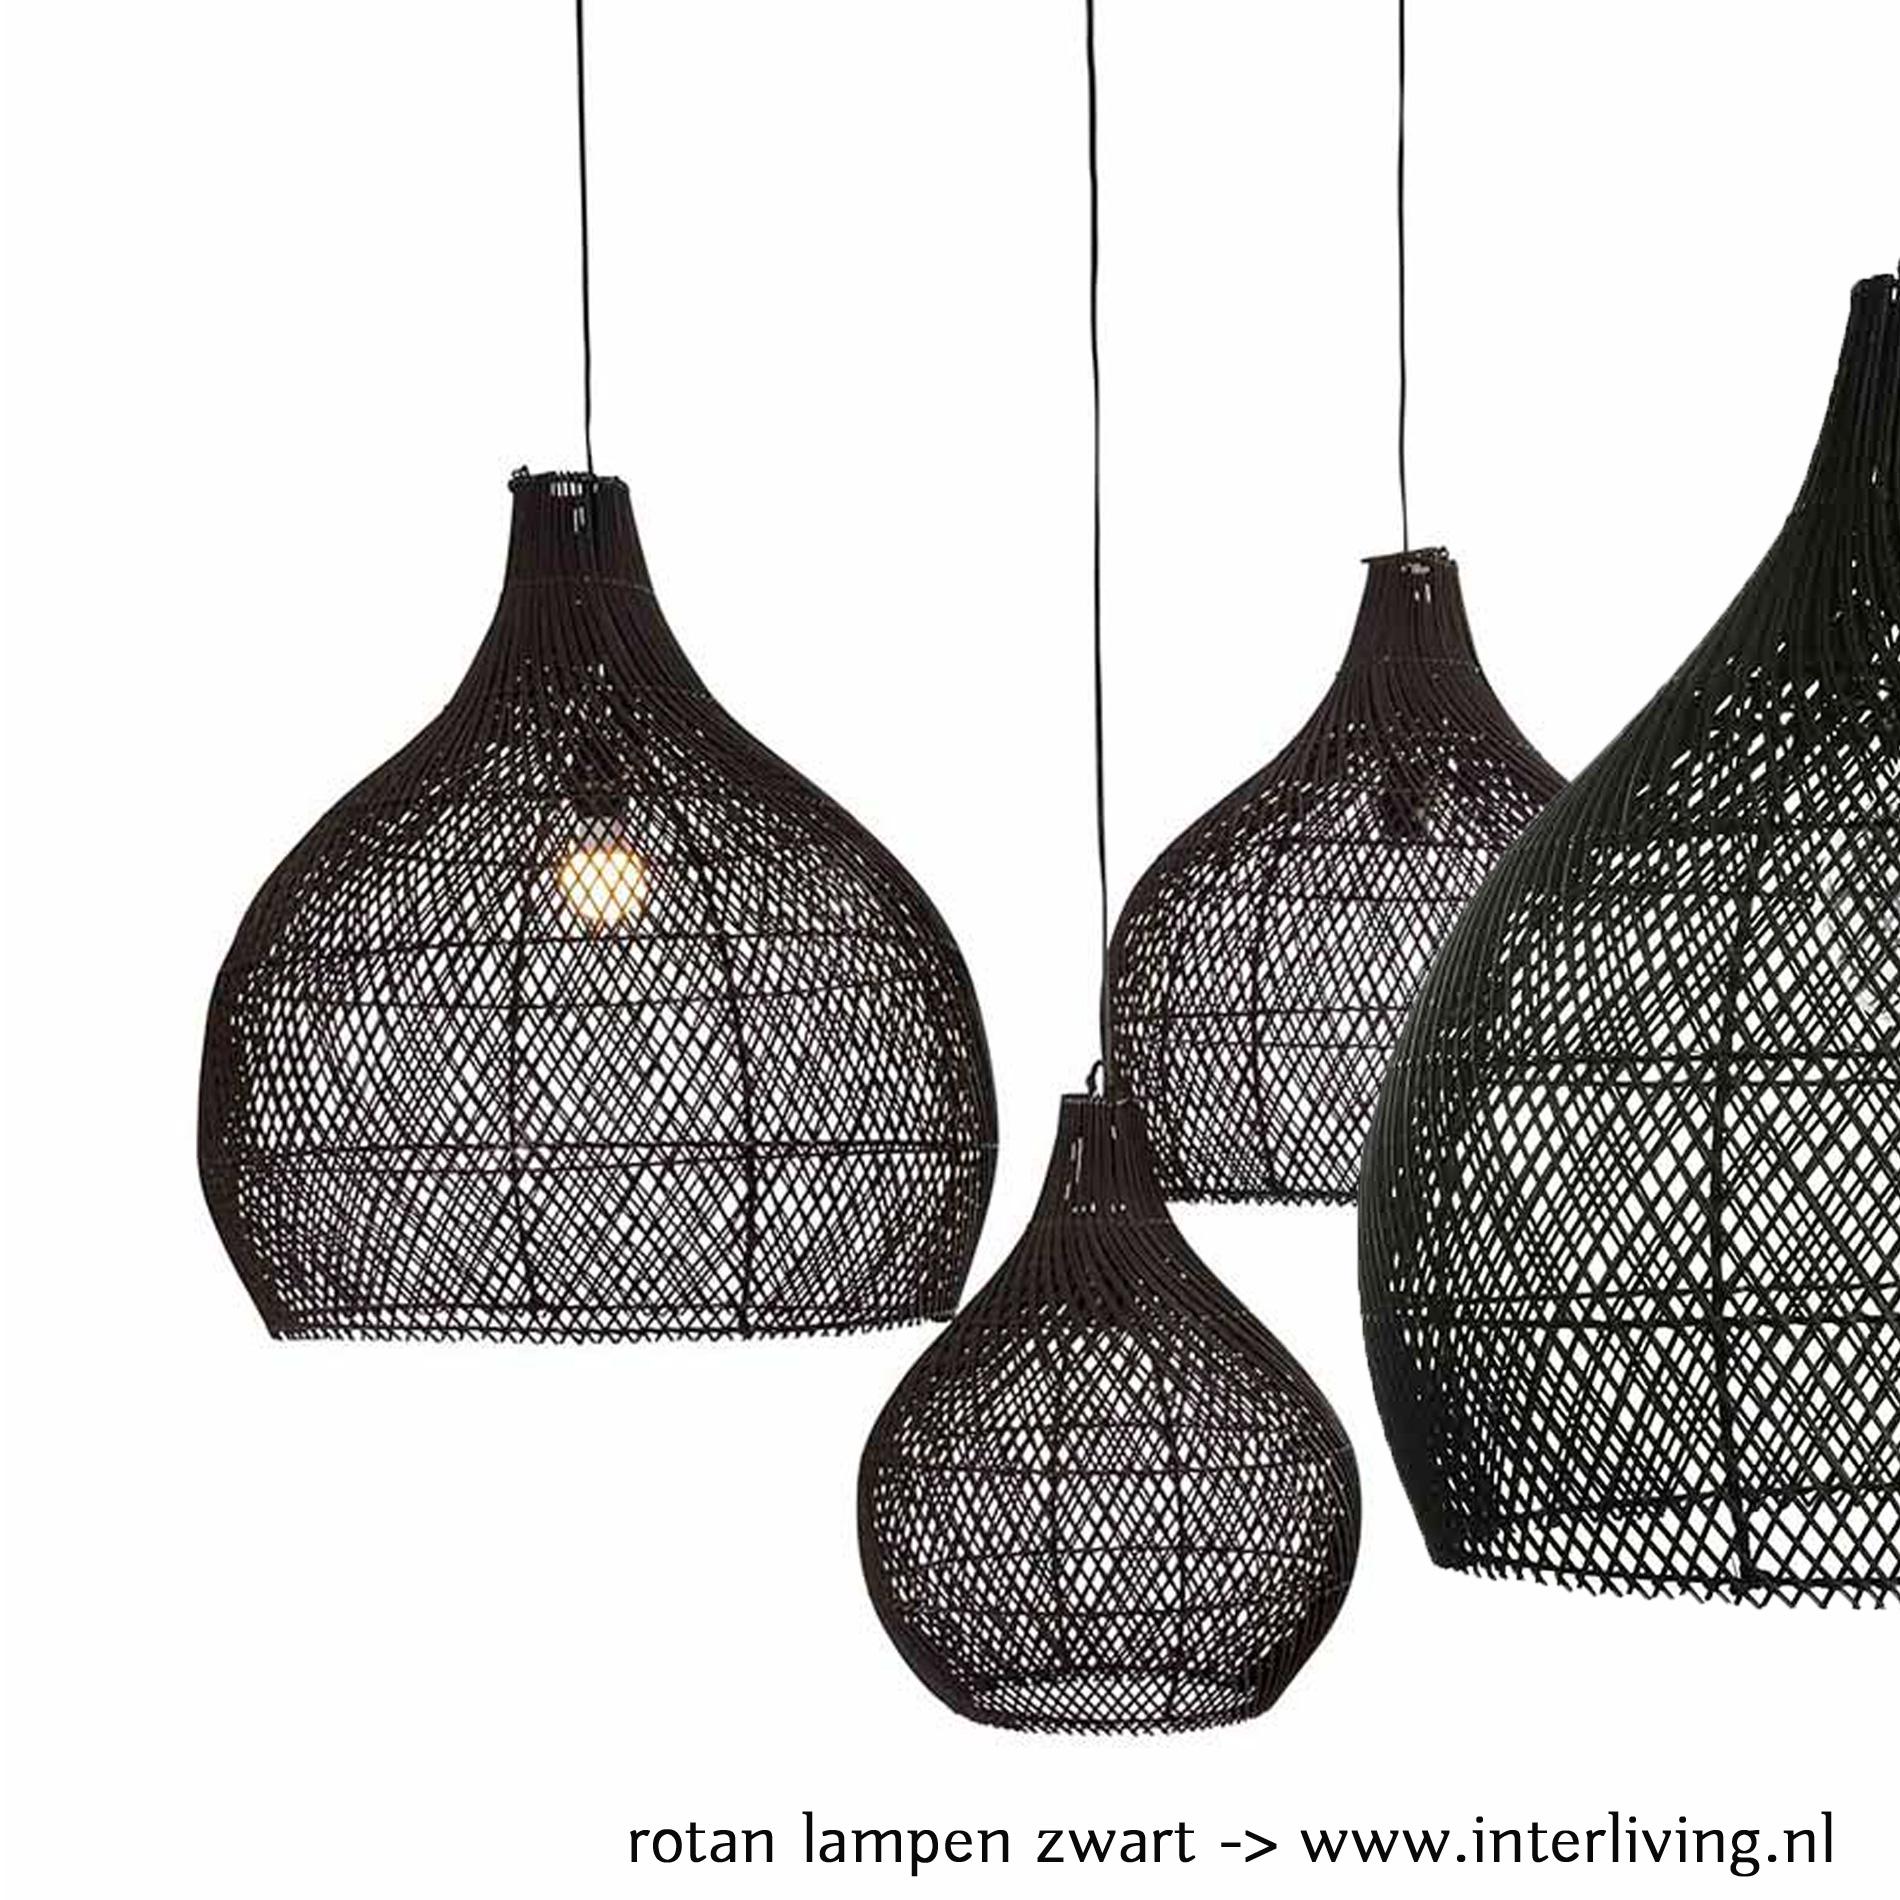 Zwarte grote rotan hanglamp van duurzaam rotanpalm - handgevlochten uit Bali